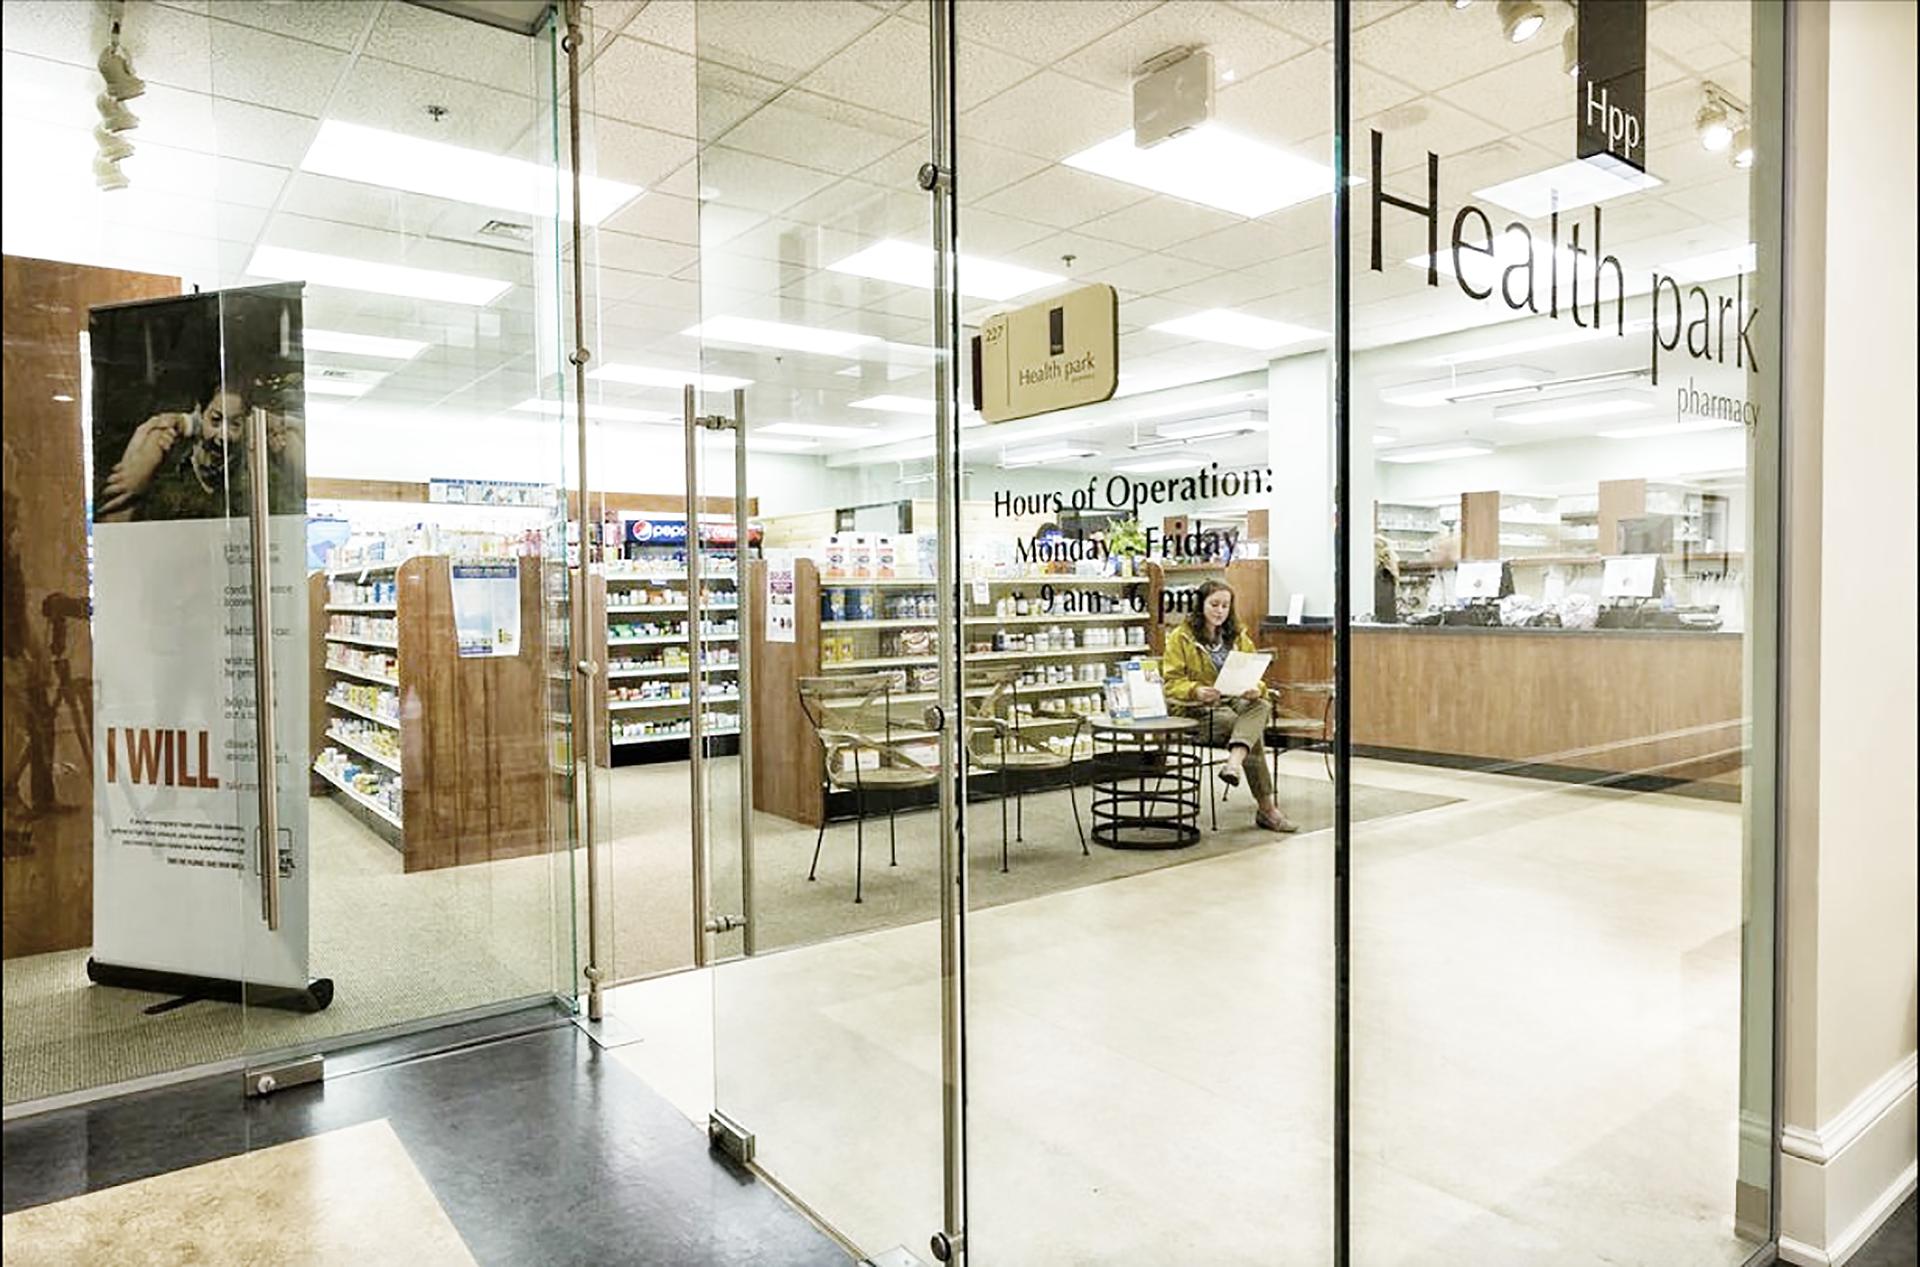 health park pharmacy